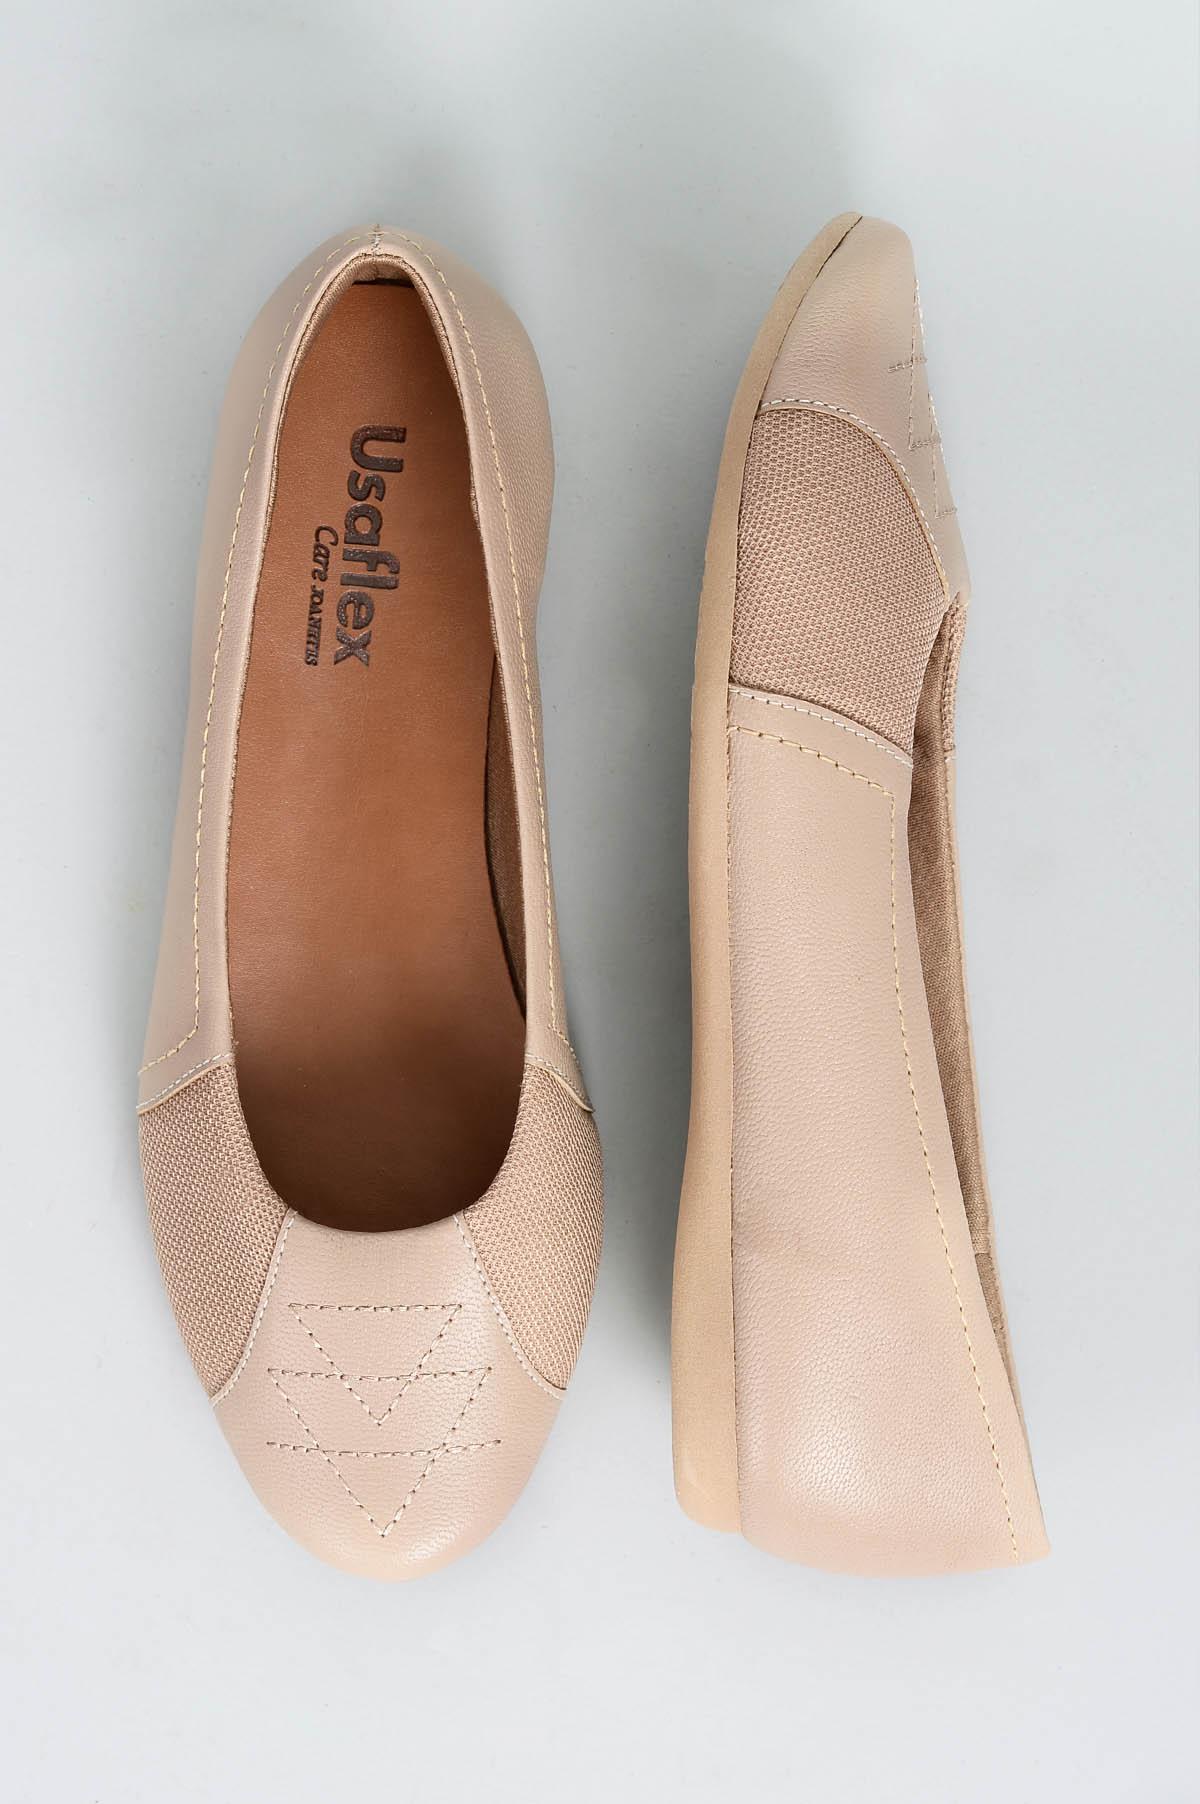 36375d7f39 Sapatilha Feminina Siena Usaflex CR - BEGE - Mundial Calçados